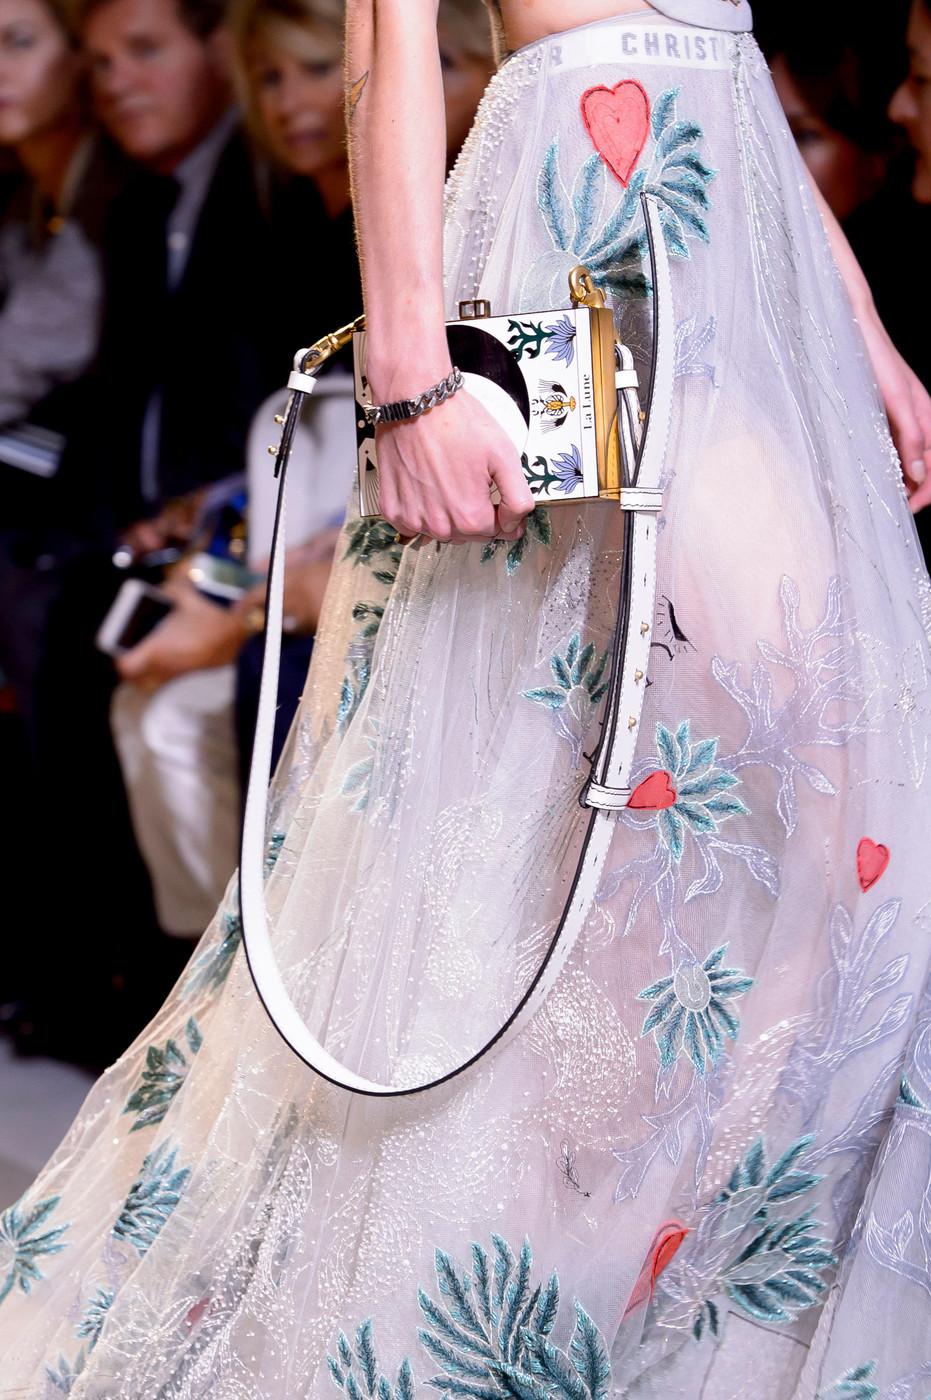 Christian+Dior+Spring+2017+Details+03hpfs72DNax.jpg